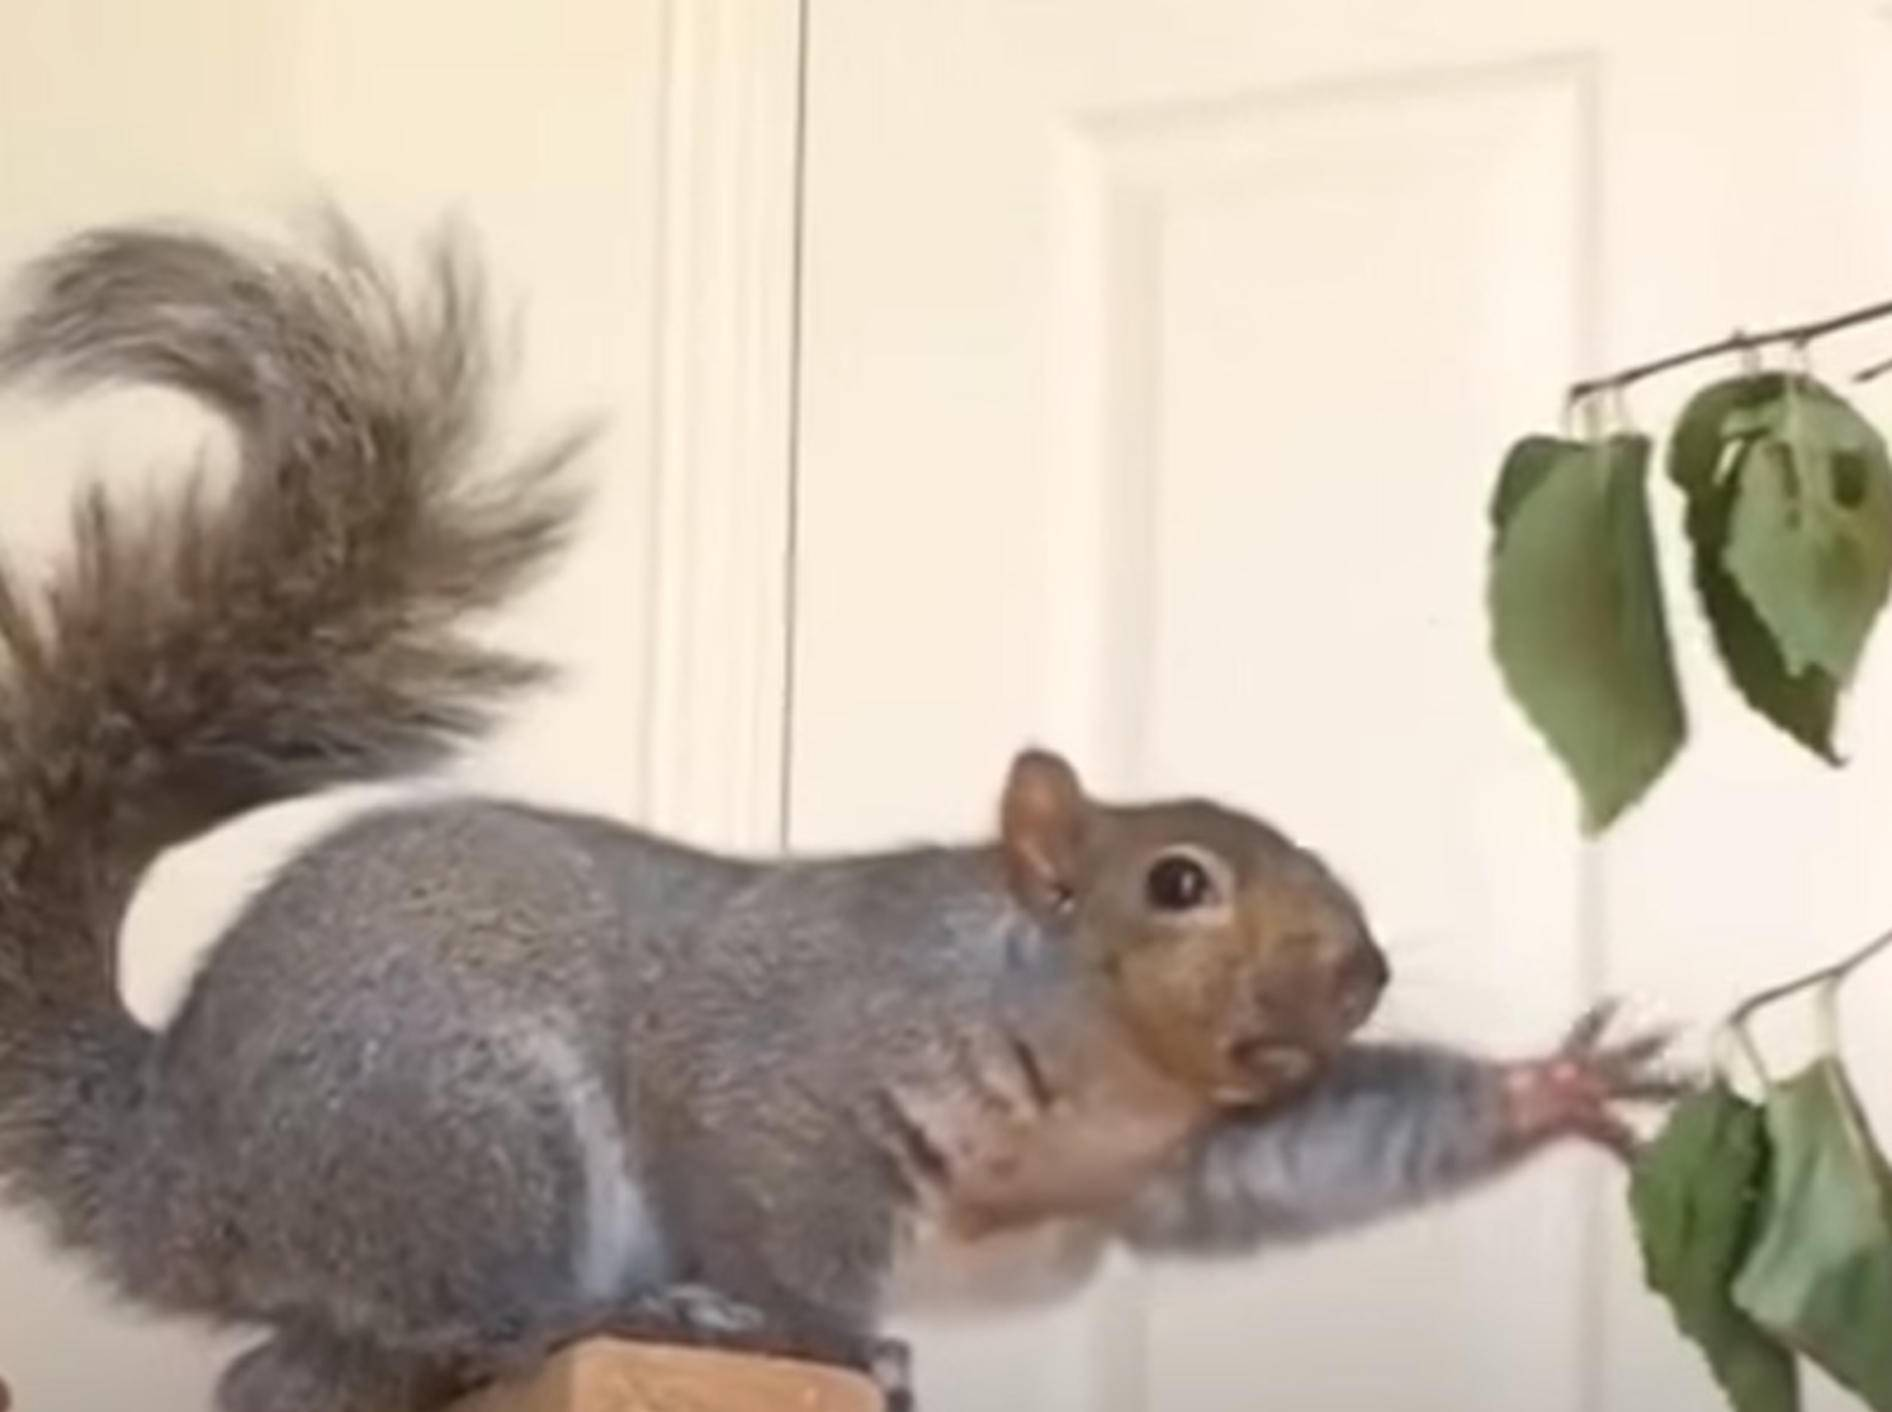 Gerettetes Eichhörnchen macht auf Entertainer – Bild: YouTube / The Dodo